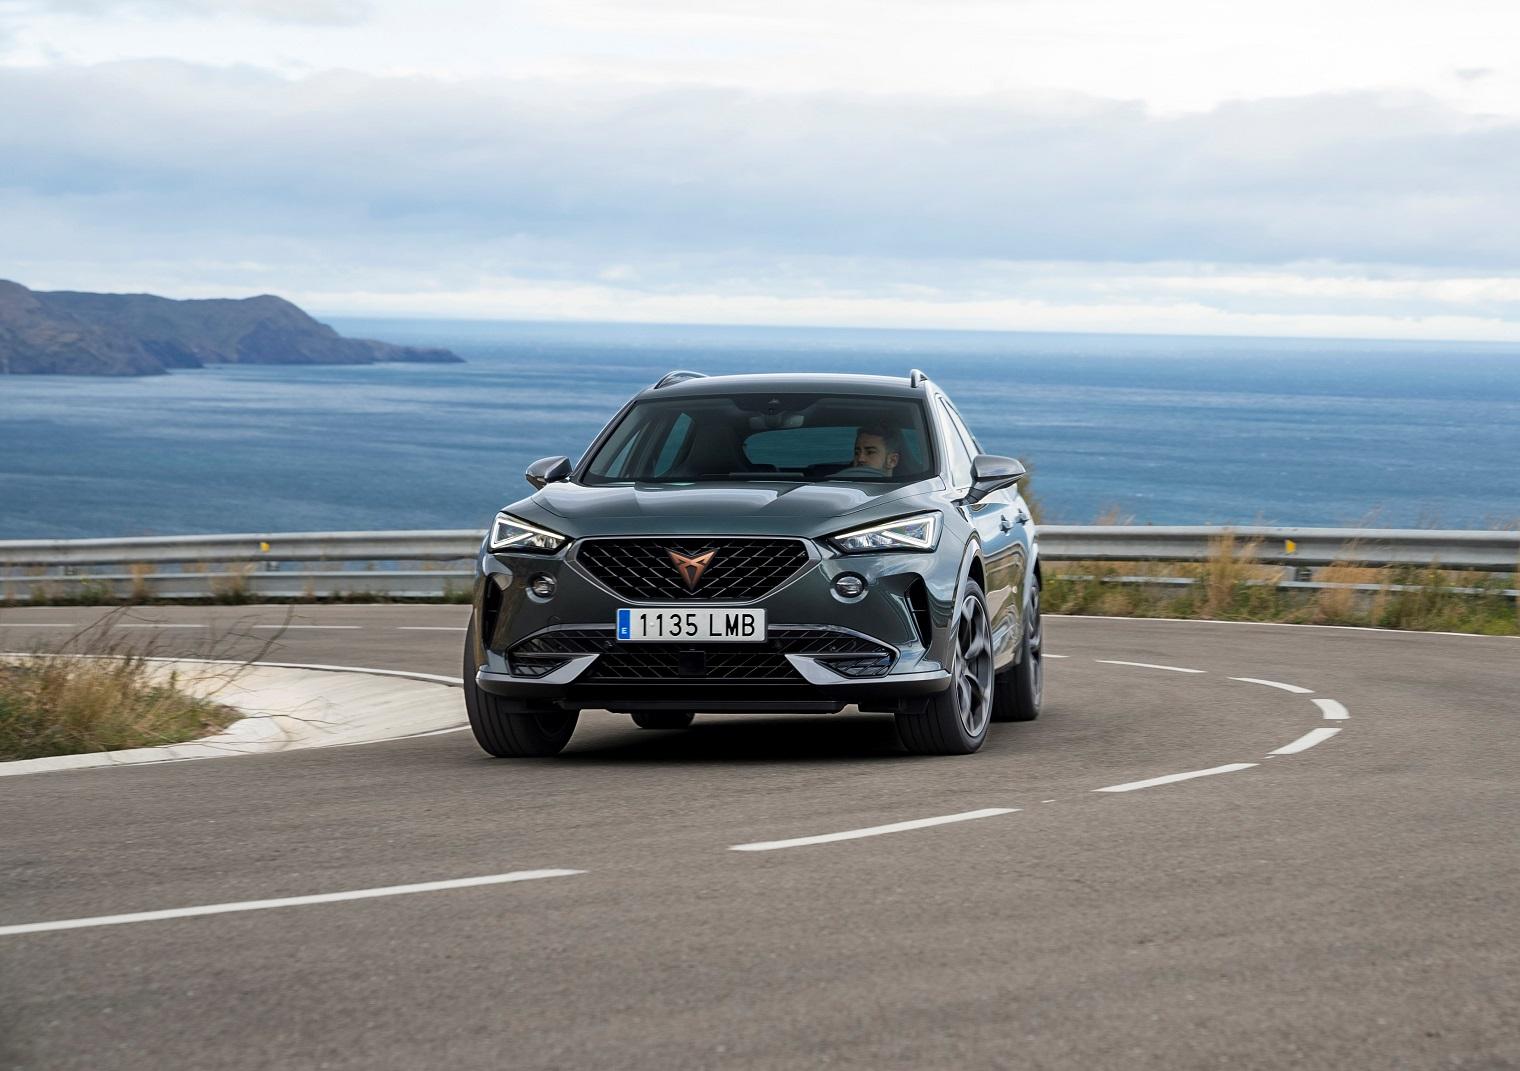 nuova Cupra Formentor e-Hybrid 2021